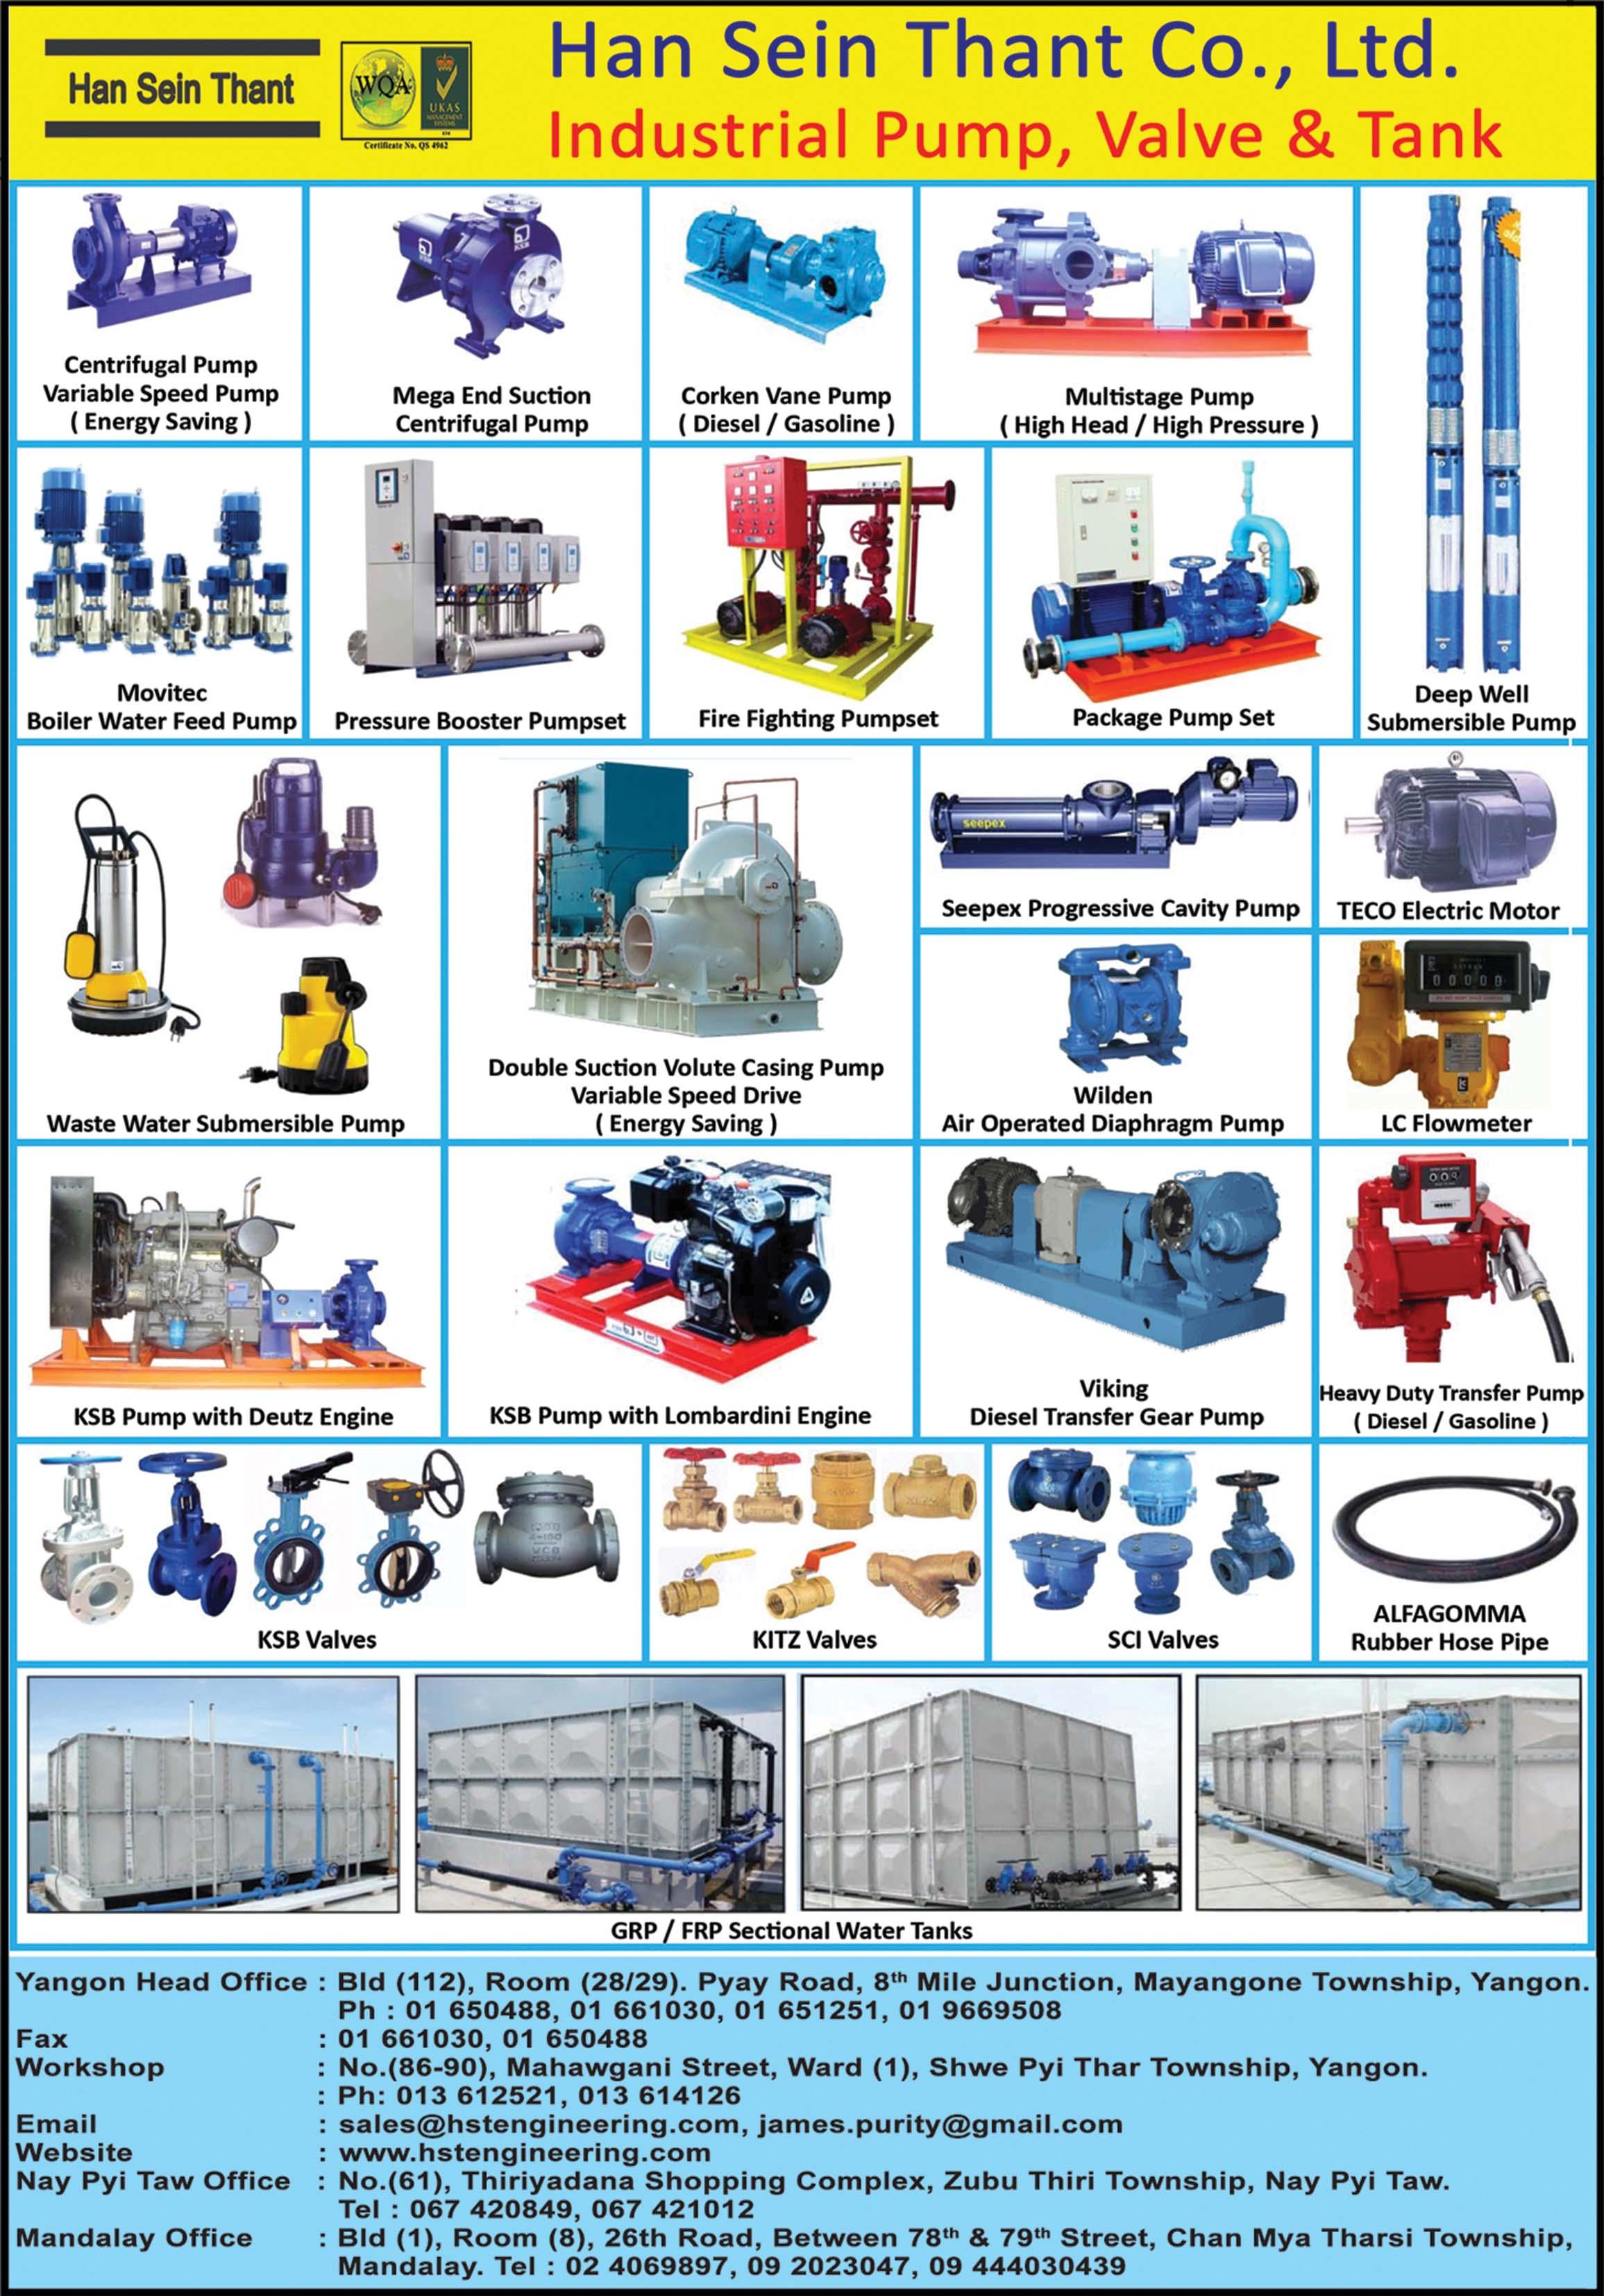 Han Sein Thant Co., Ltd.